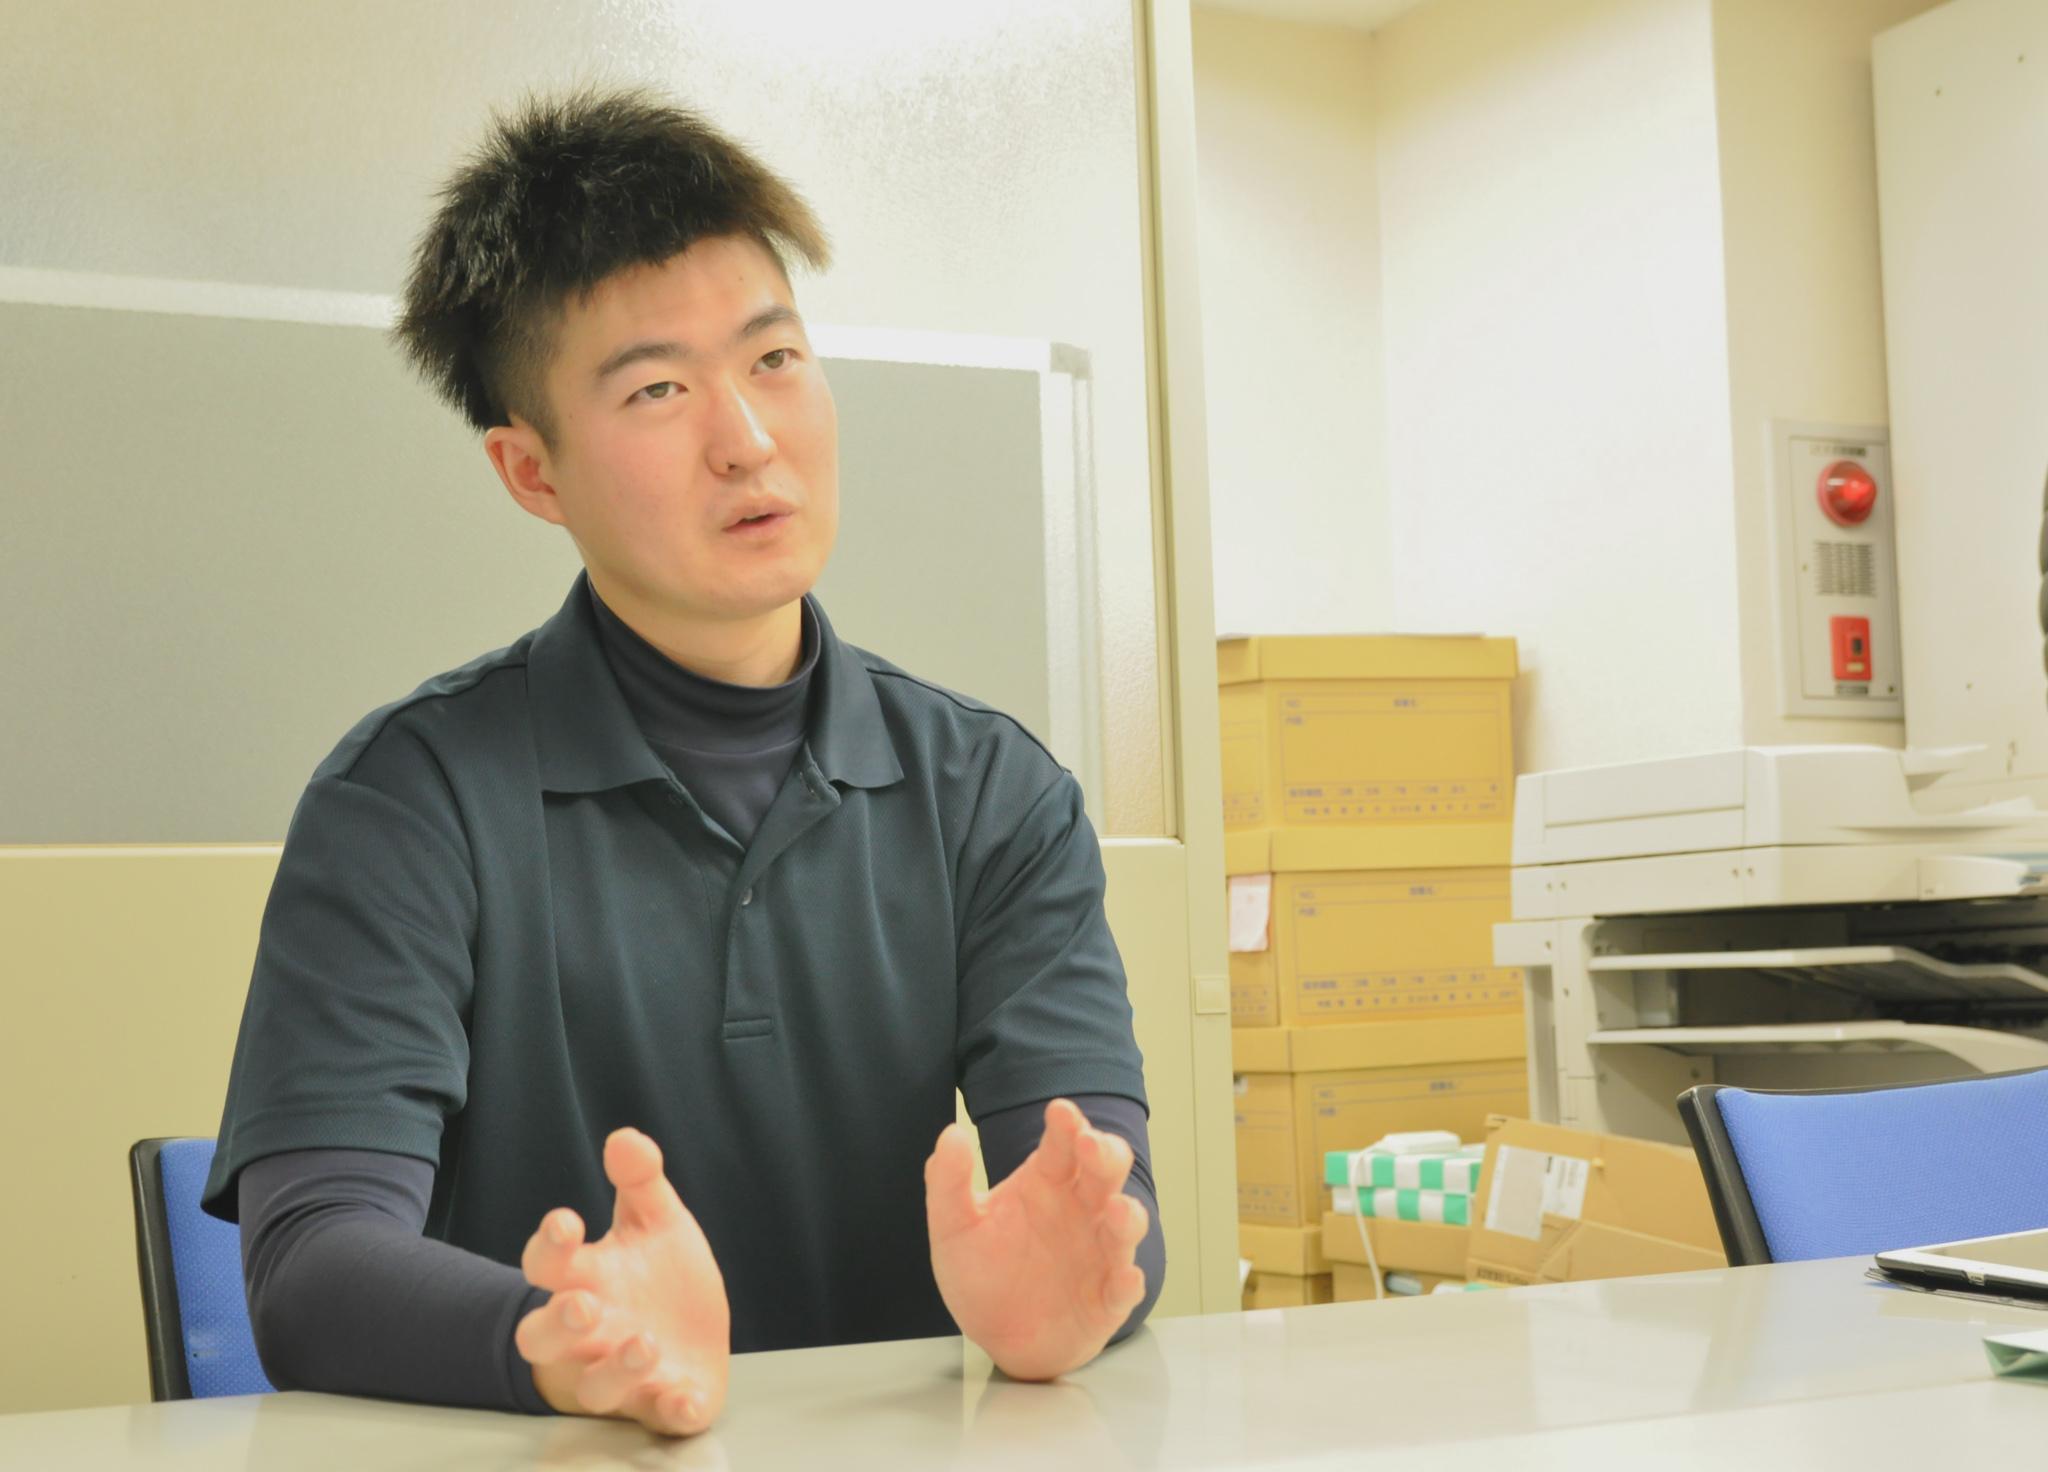 愛・訪問介護ステーション滝野川<br>介護スタッフ 吉田 さん イメージ